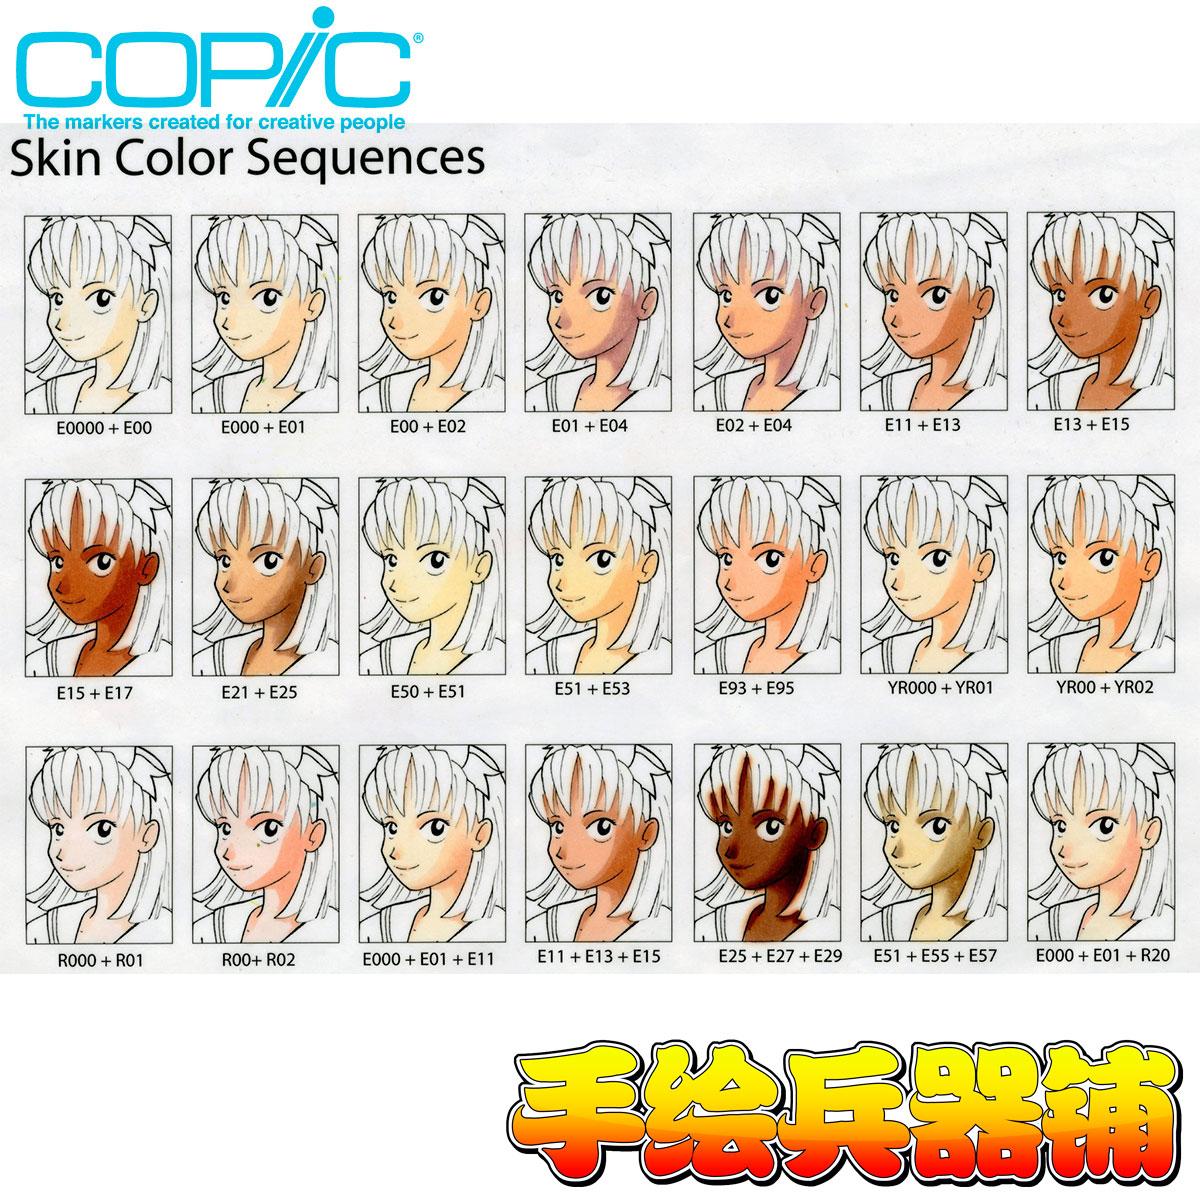 日本Copic Sketch手绘漫画专用软头马克笔 专业肤色搭配推荐